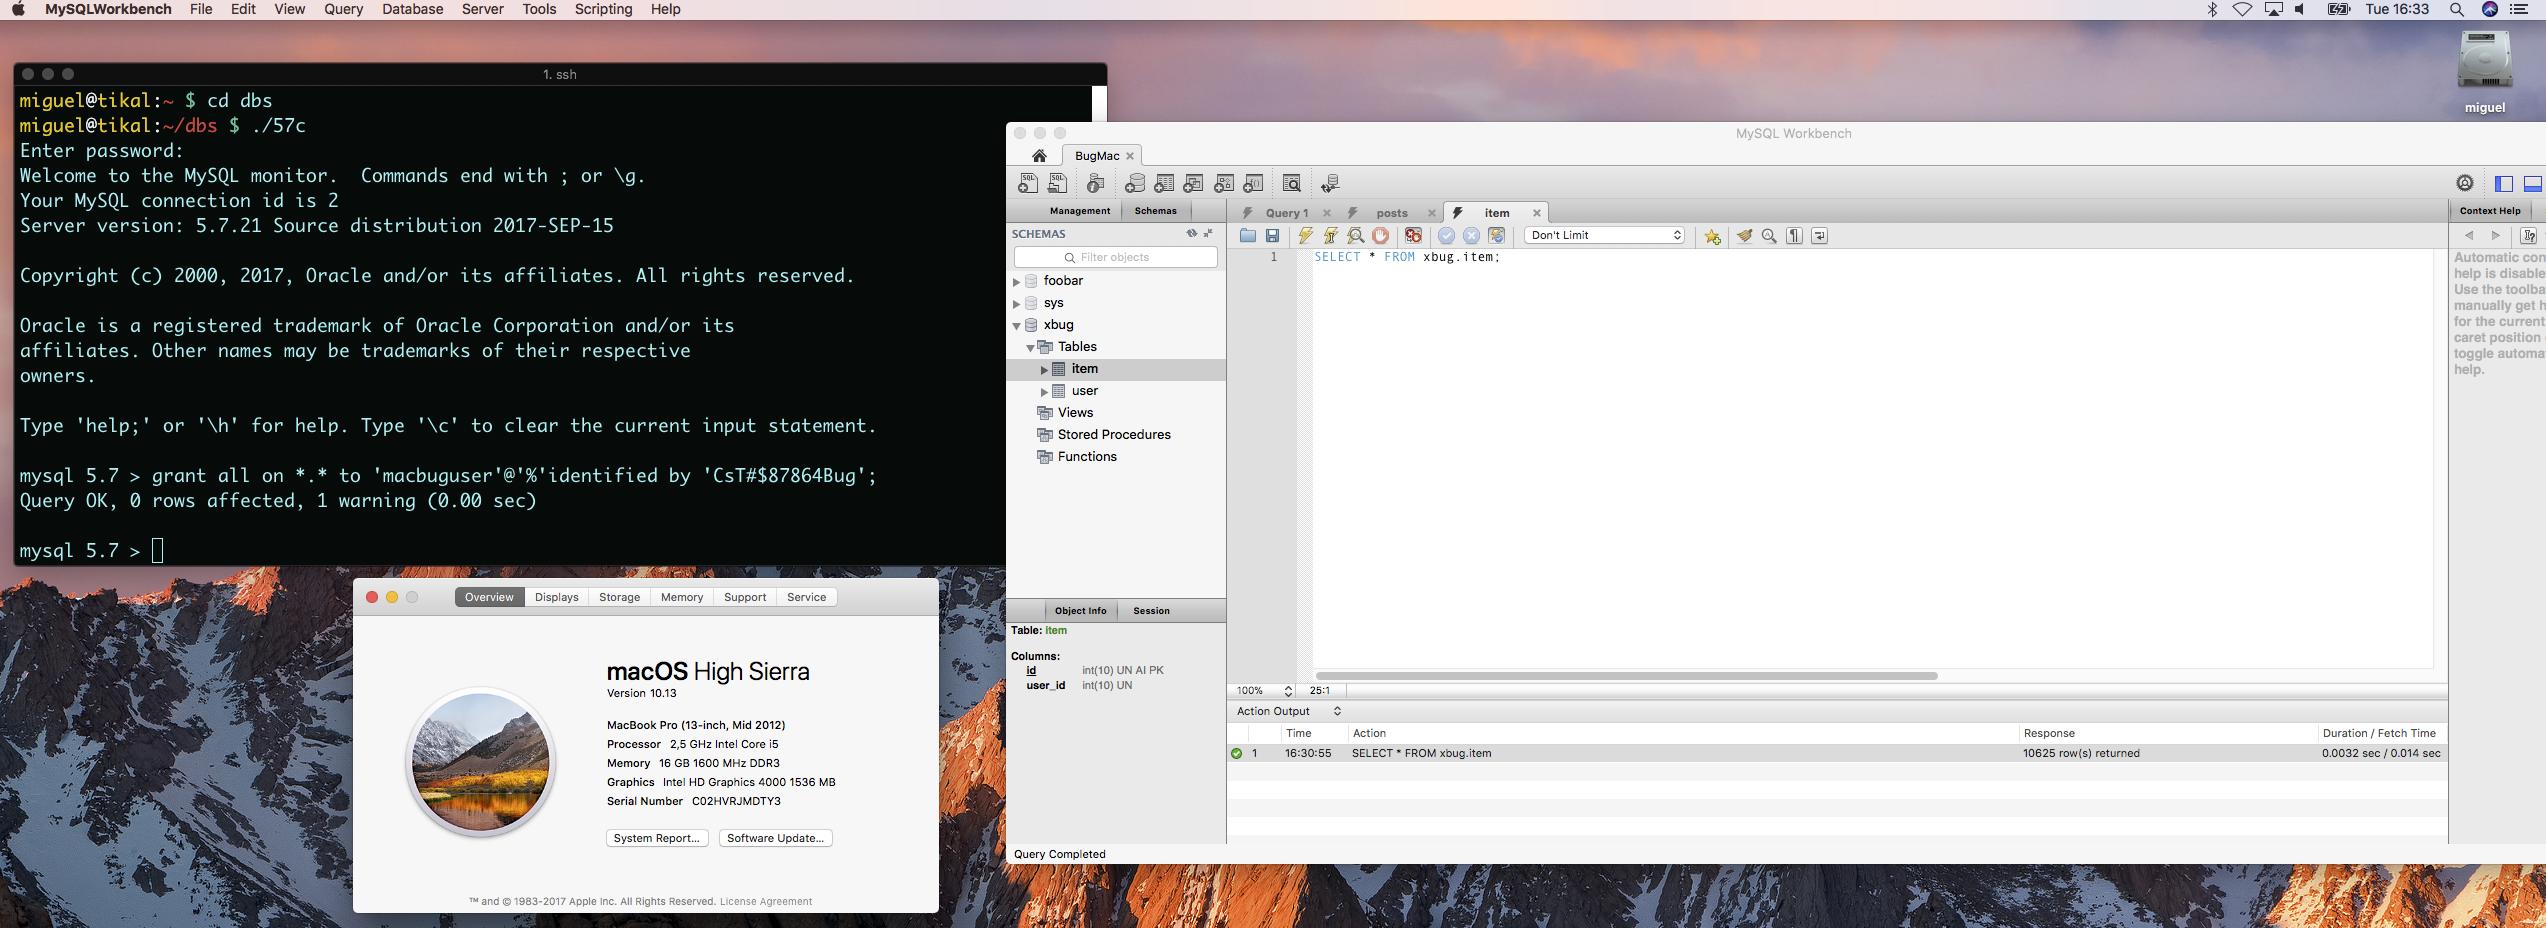 MySQL Bugs: #87862: MySQL does not work on MacOS High Sierra